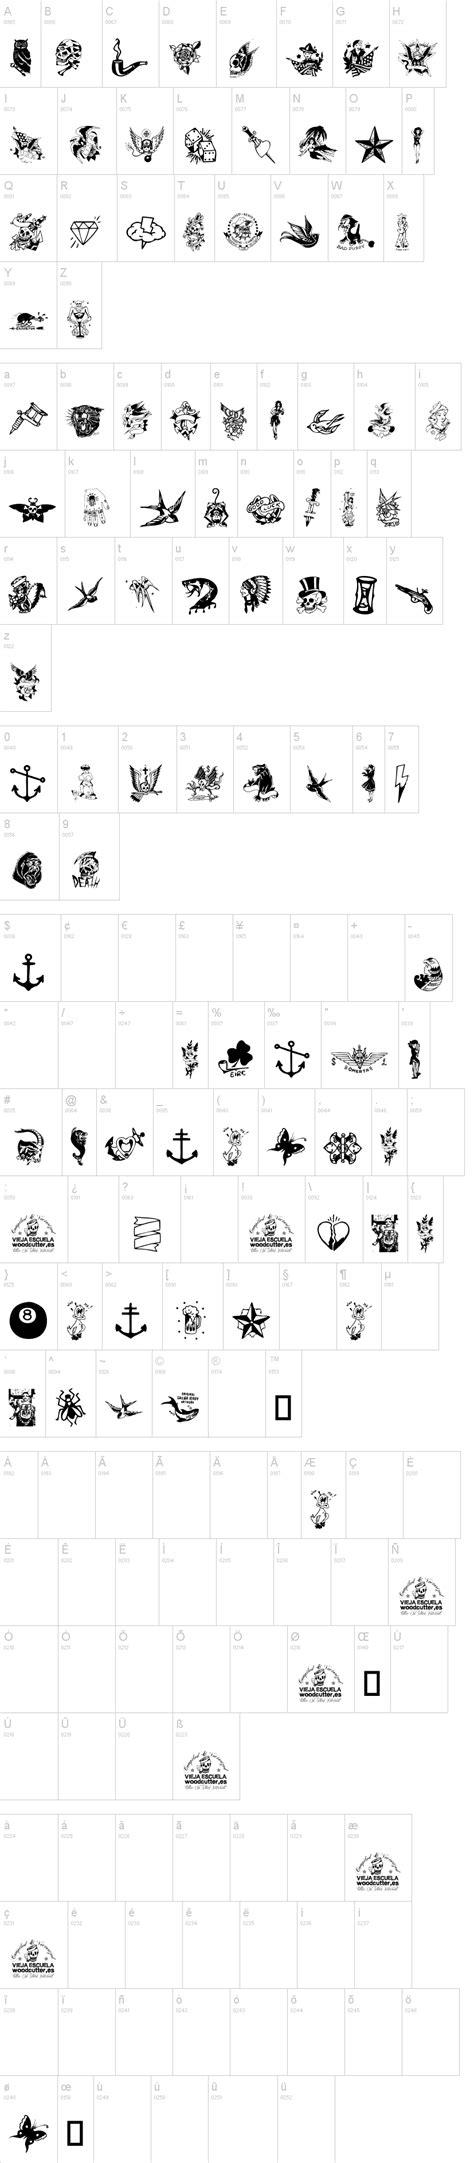 tattoo vieja escuela 3 font dafont com